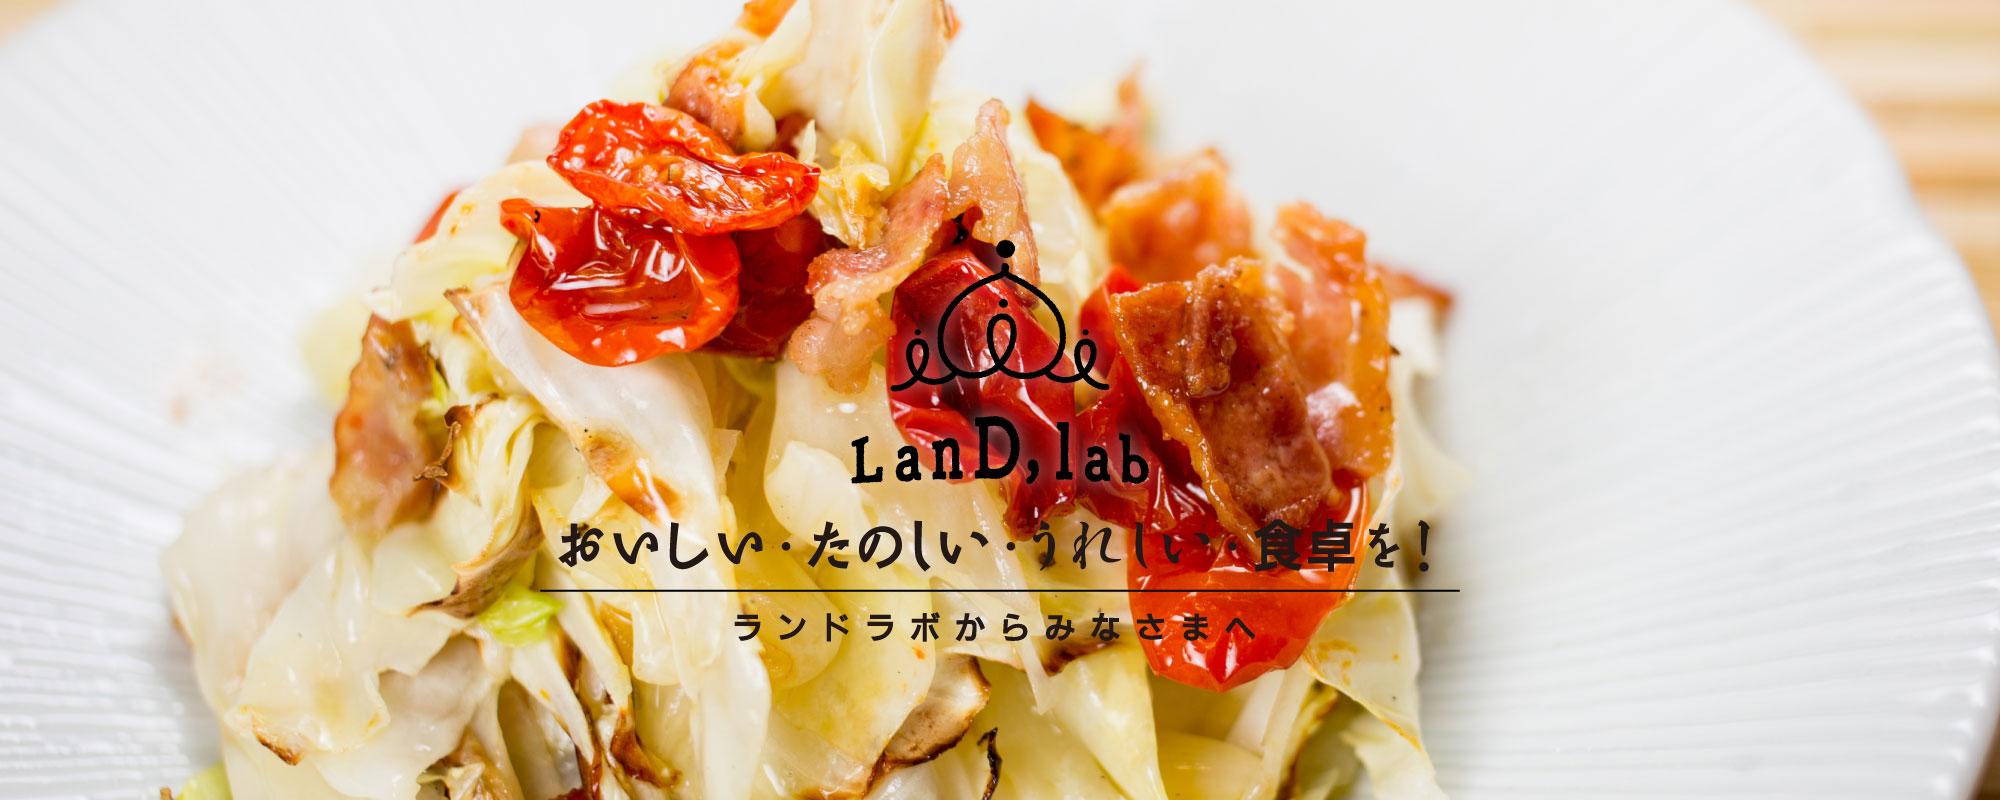 title_landlab